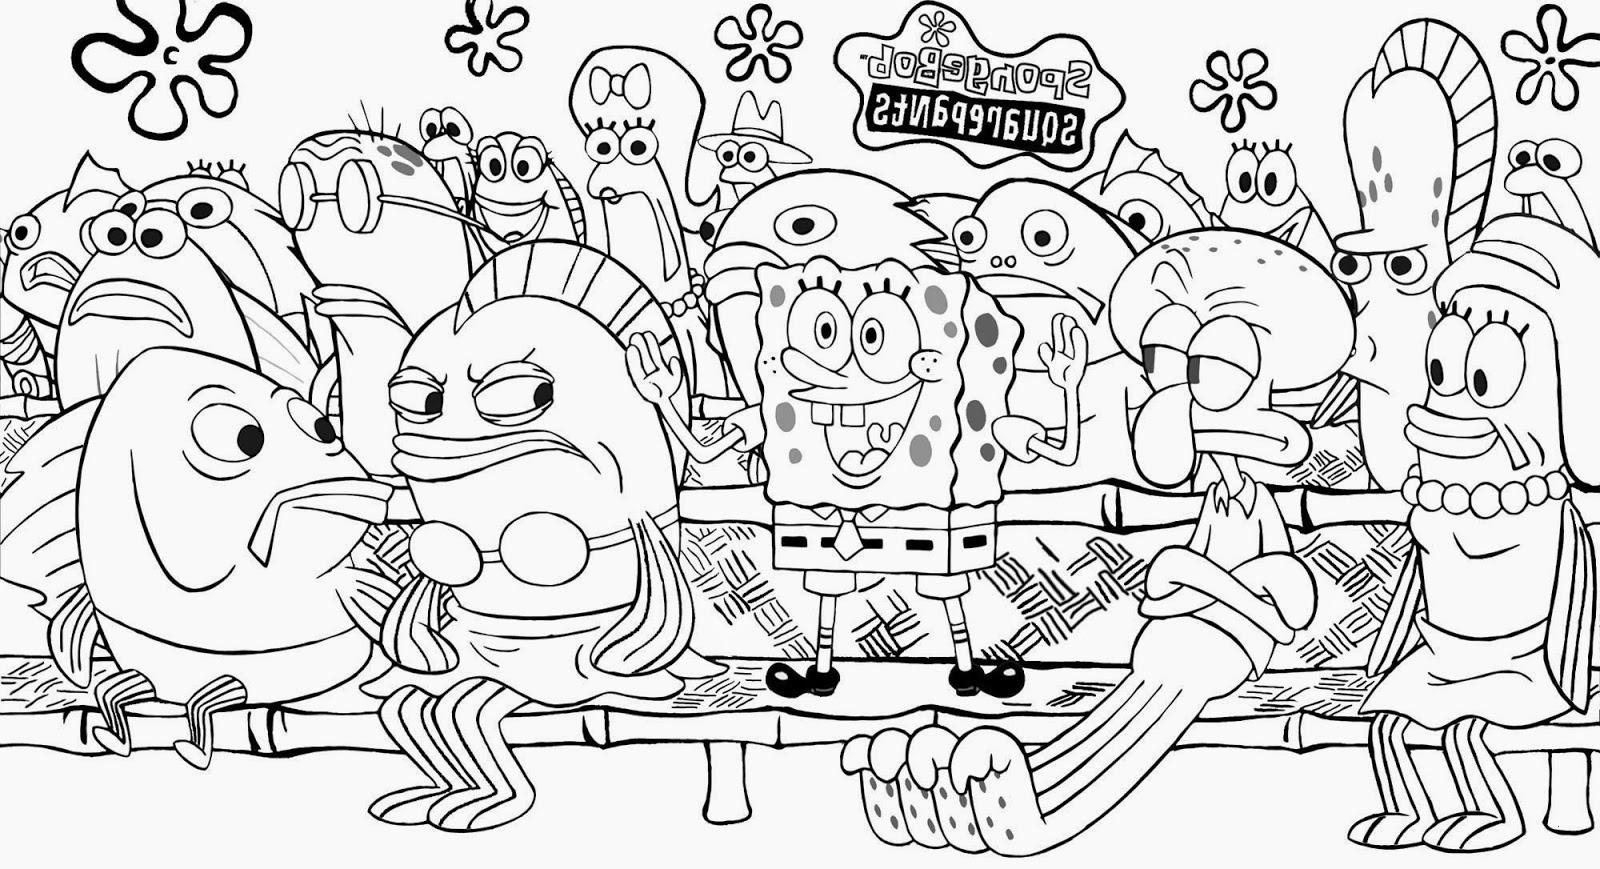 Spongebob Bilder Zum Ausmalen Das Beste Von 44 Beste Von Ausmalbilder Kikaninchen – Große Coloring Page Sammlung Bilder